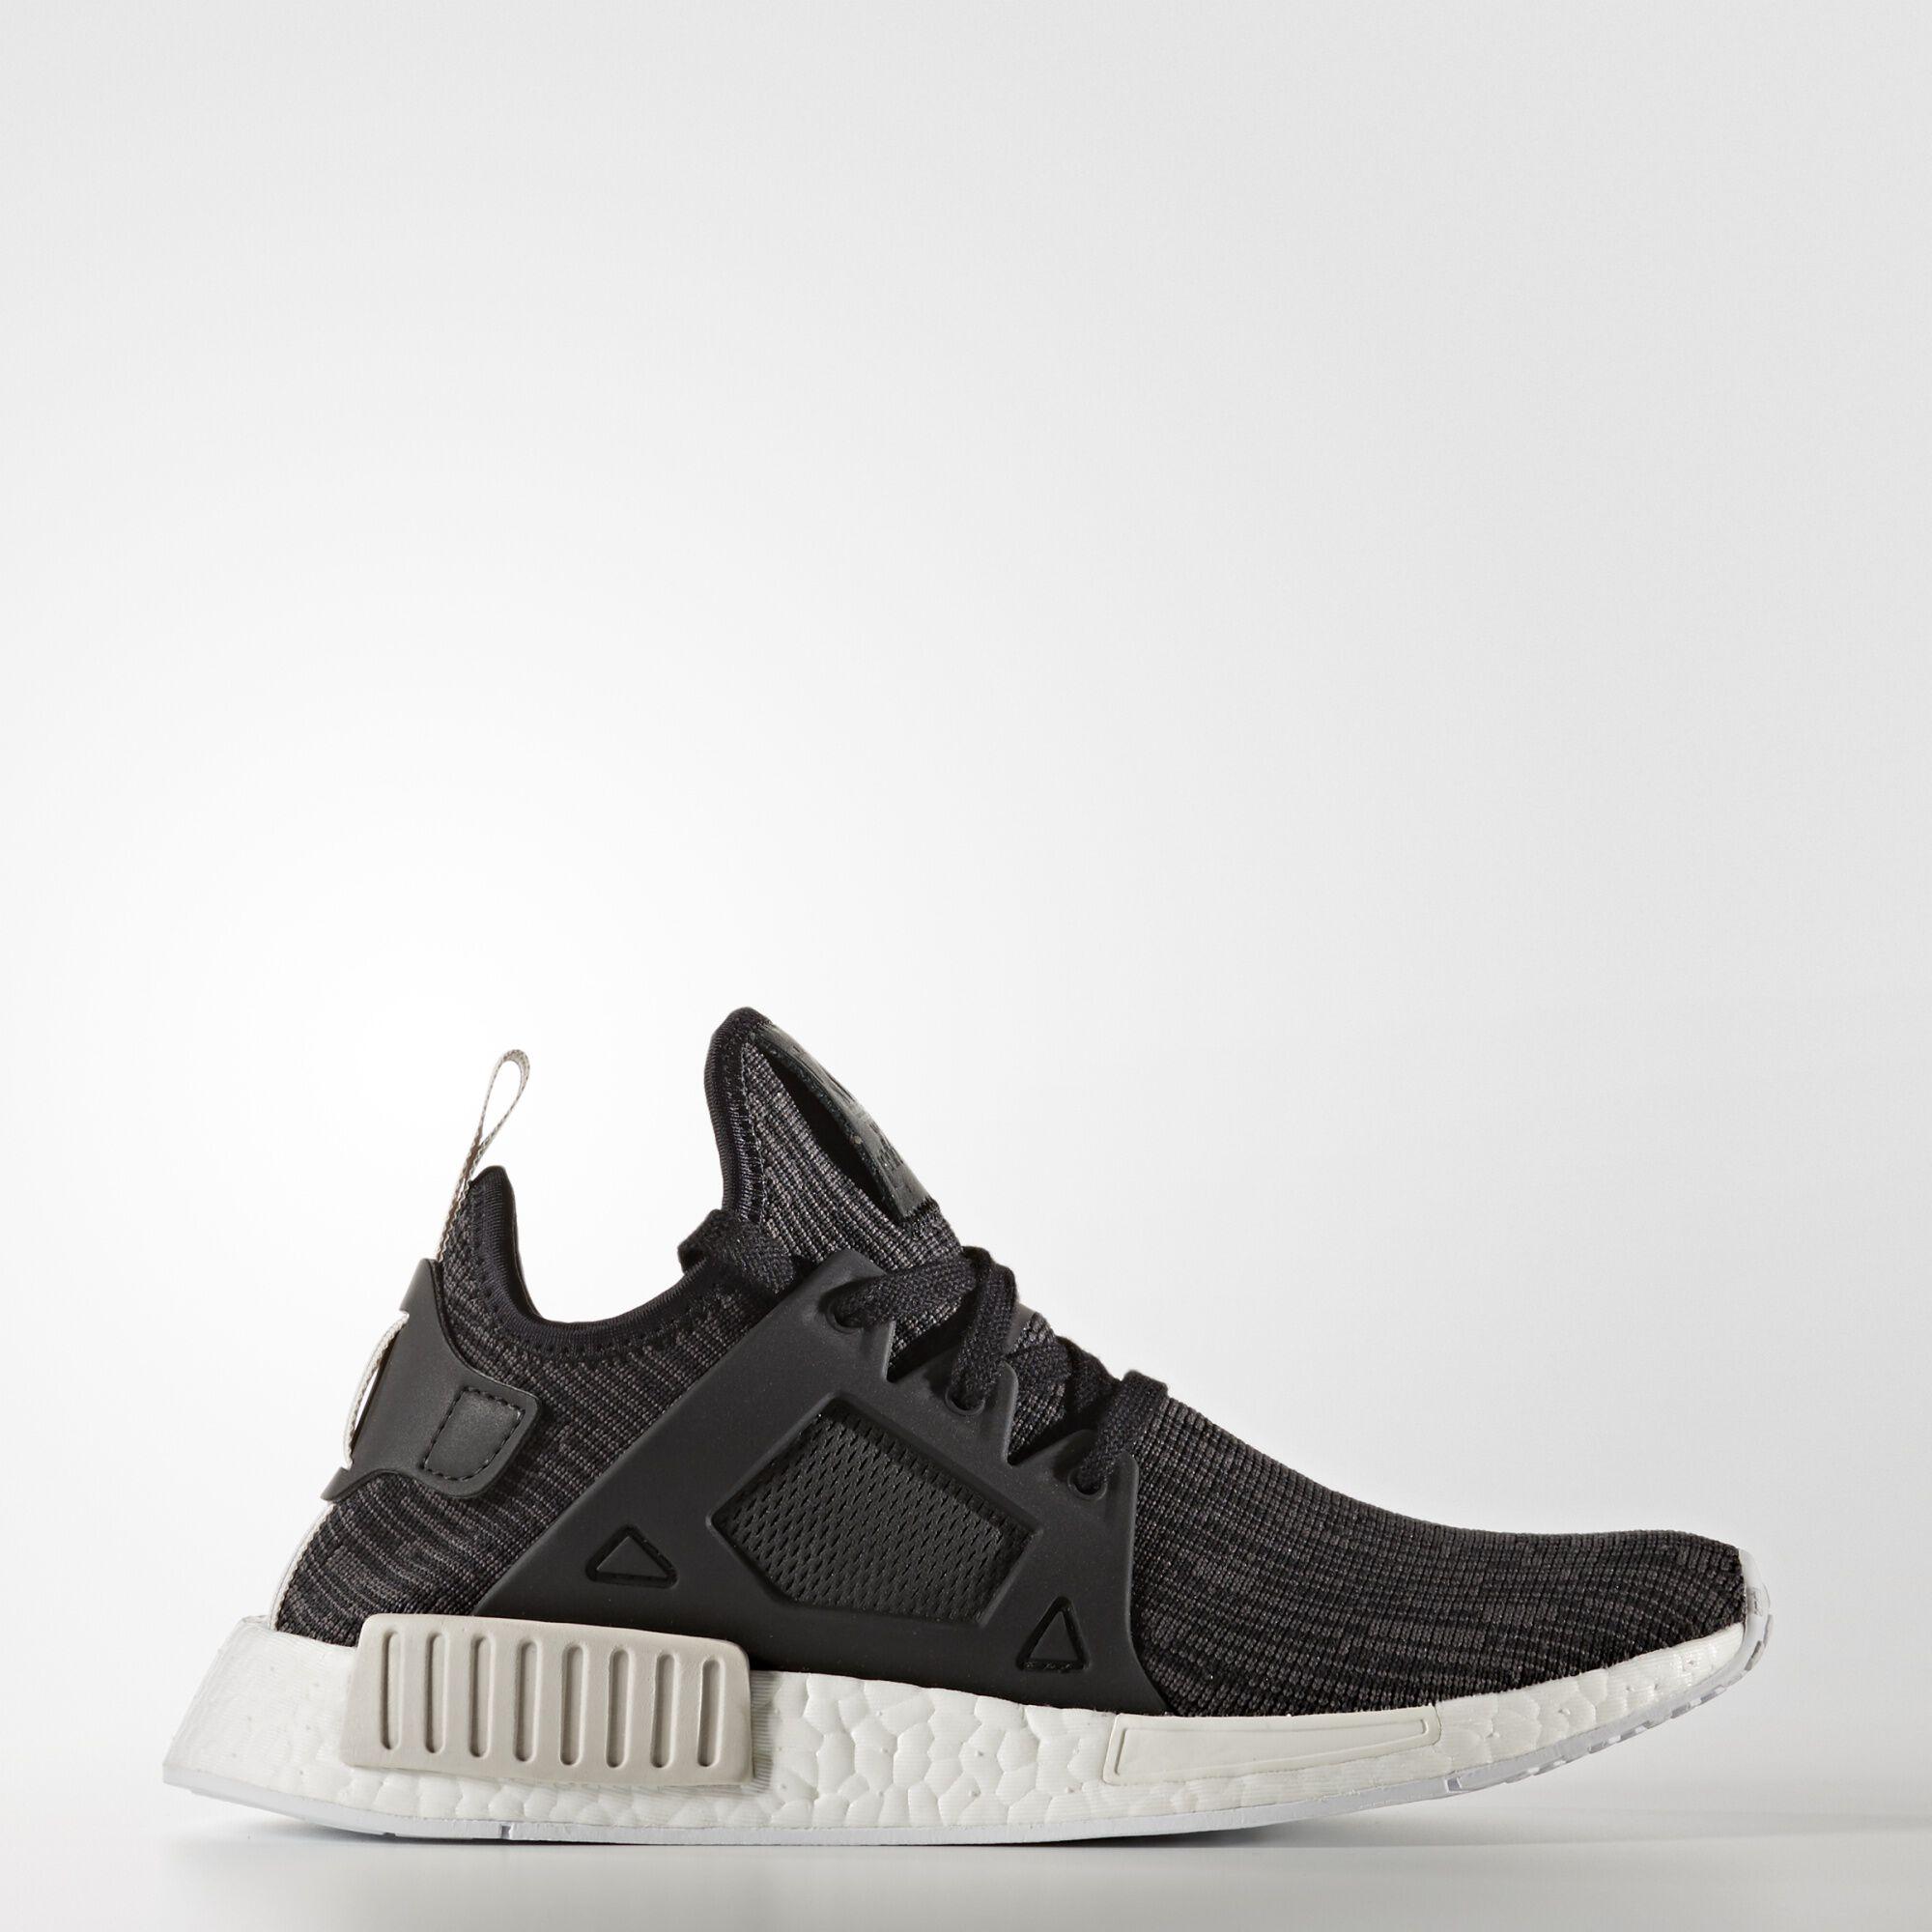 adidas shoes nmd womens black. adidas shoes nmd womens black